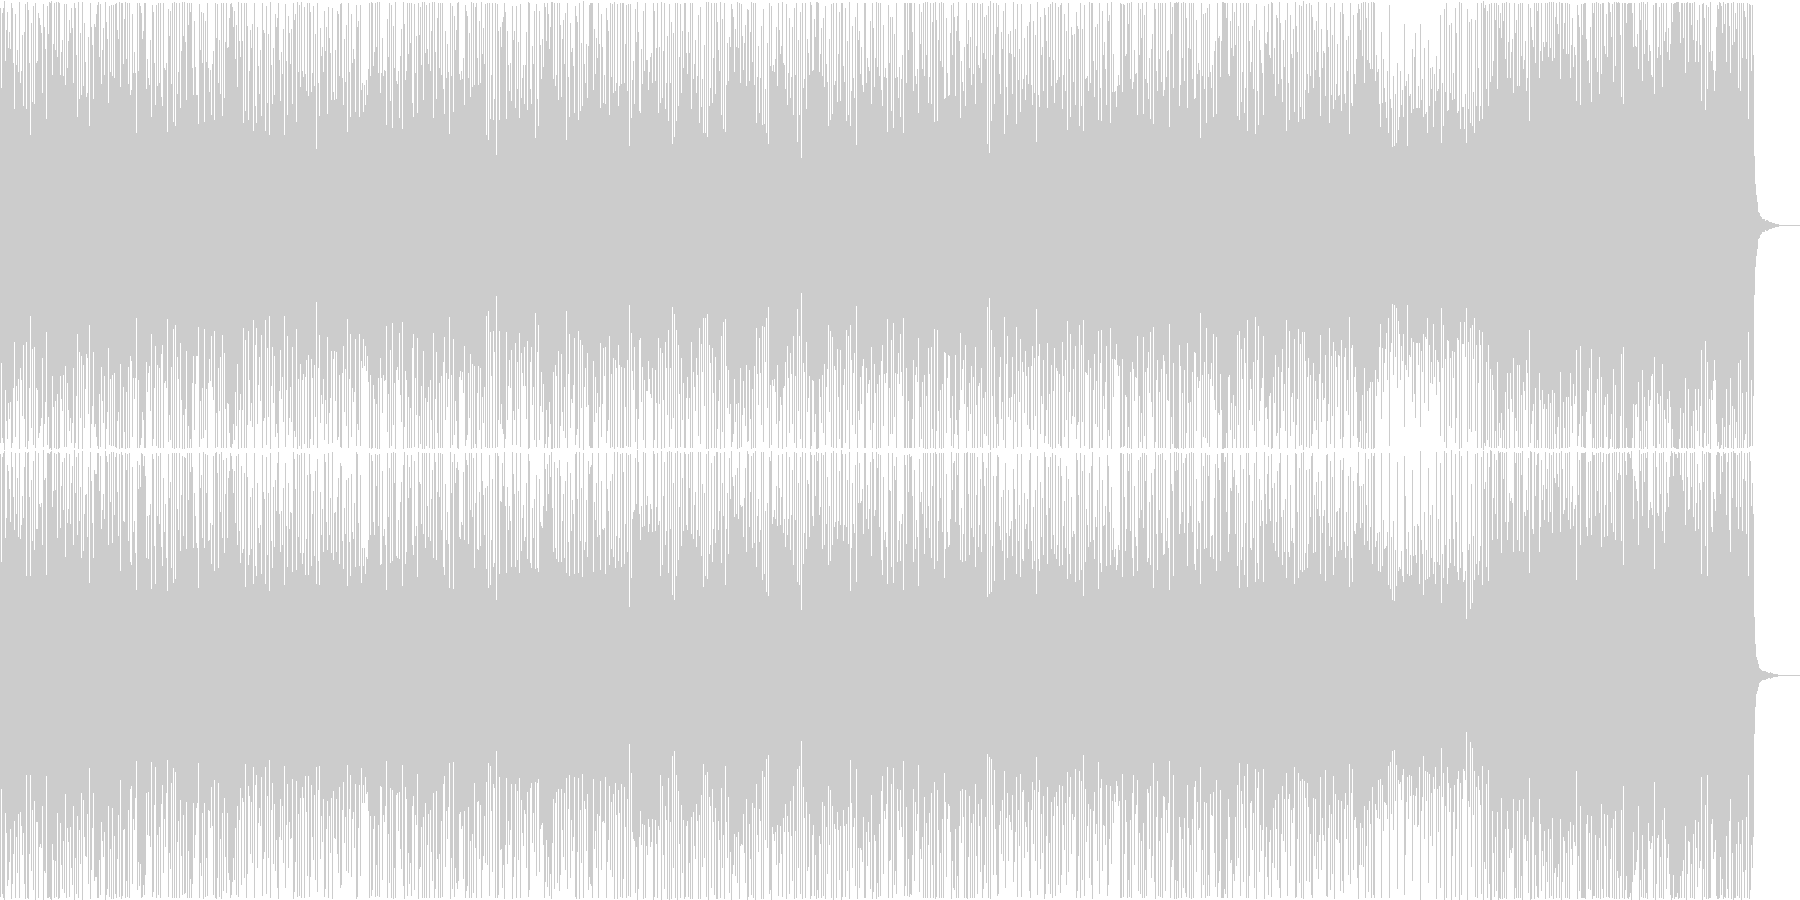 情報番組 CM オシャレで可愛いピアノの未再生の波形